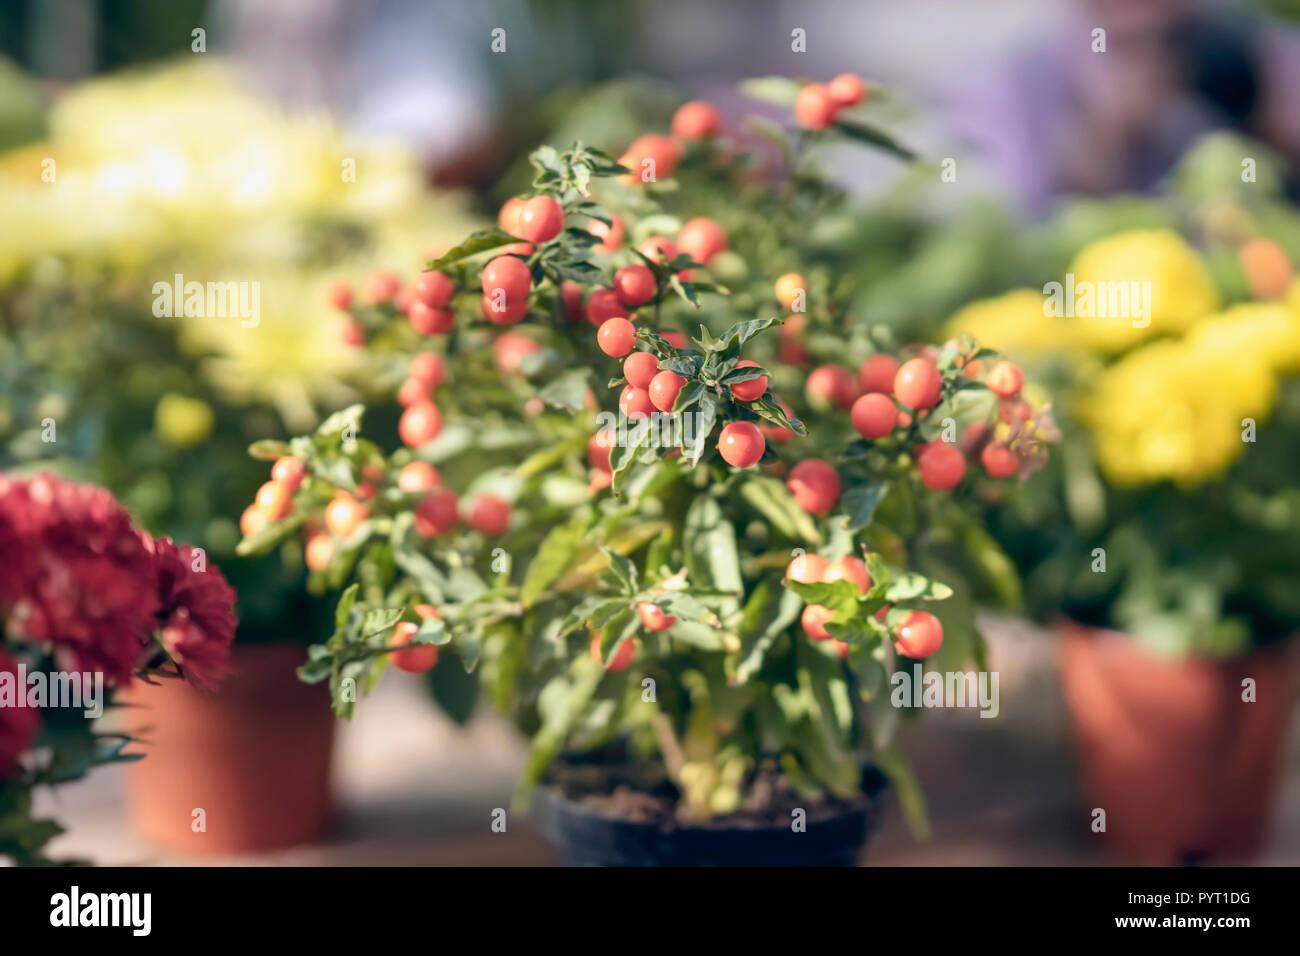 Pianta Ornamentale Con Bacche Rosse ripe rosse bacche mature di nightshade in un vaso di fiori